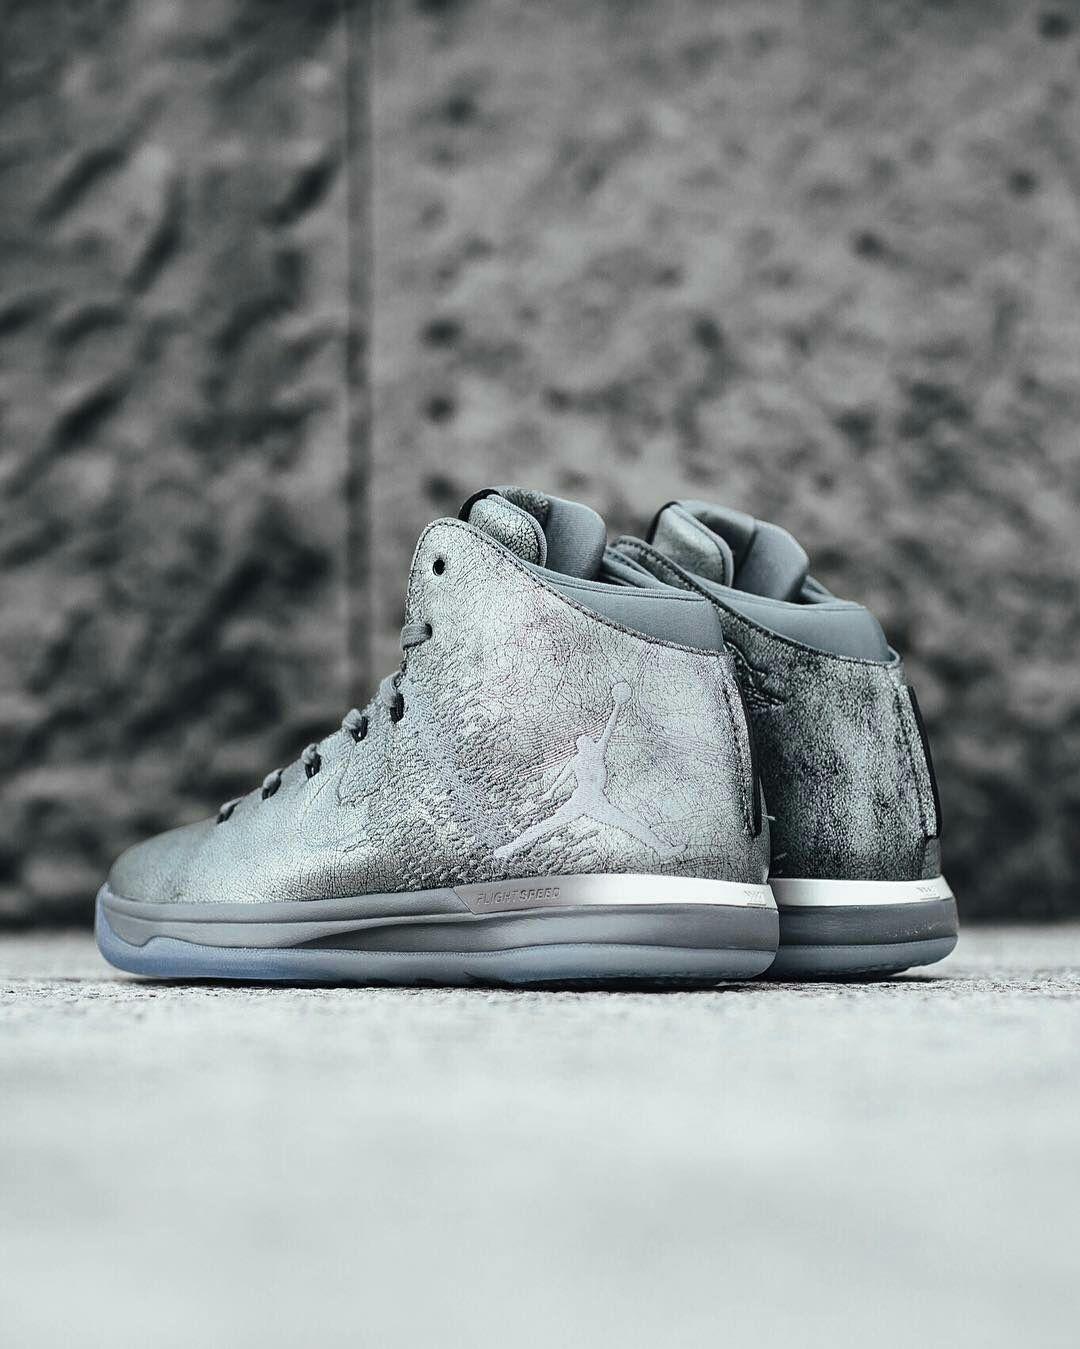 76967a0f1b3 Air Jordan, Premium, shoes ,sneaker, sneakers, kicks ,sole,fashion ,style,  streetwear, sporty, sportswear ,menswear, men fashion ,men shoes, Nike